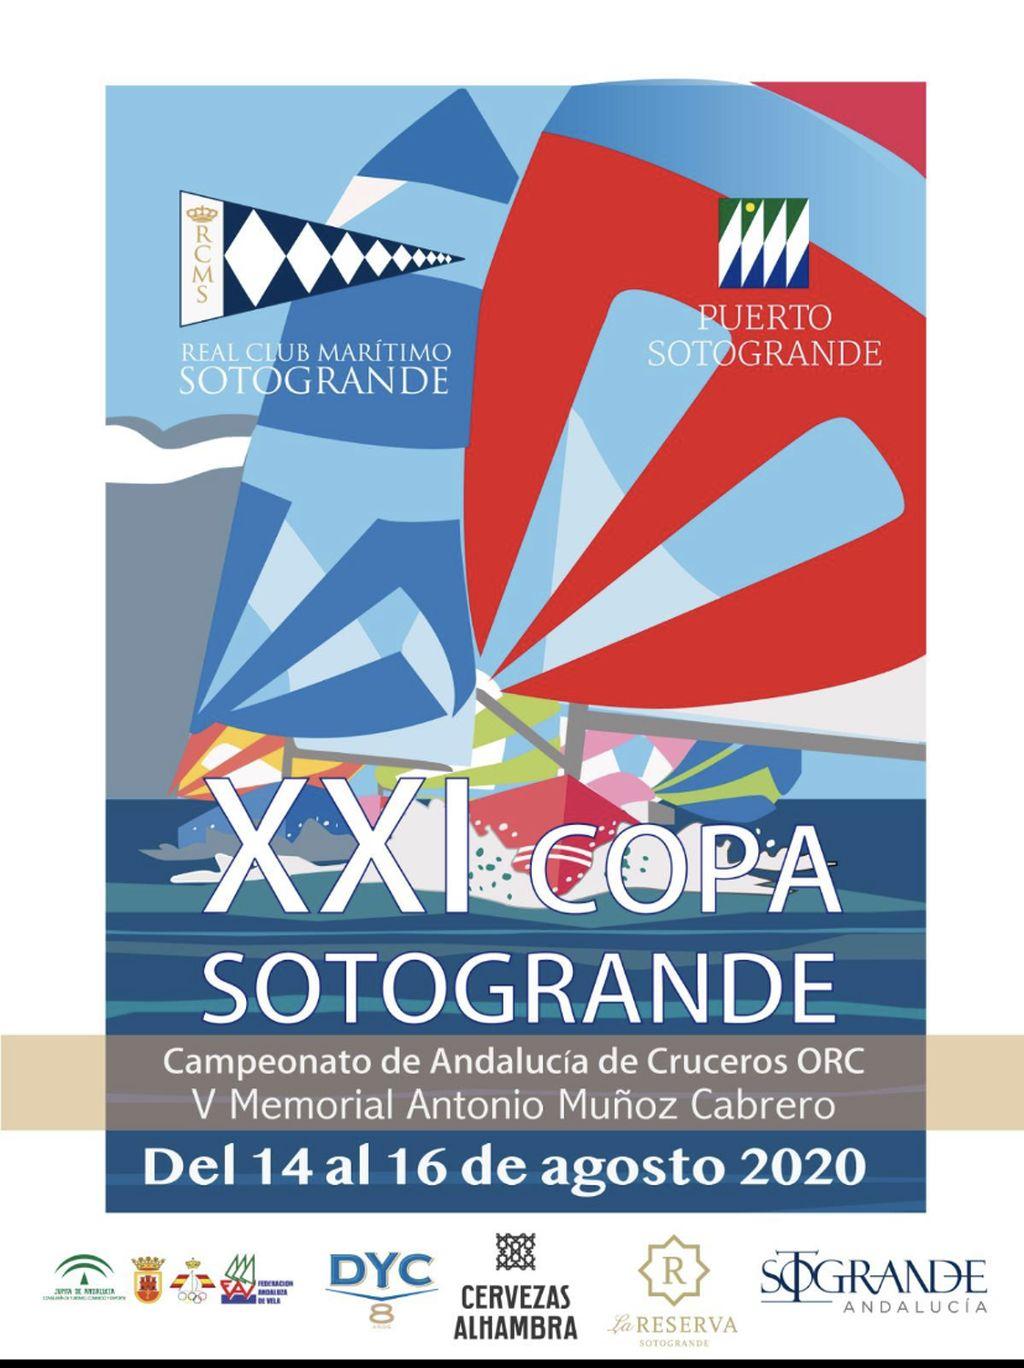 XXI Copa De Sotogrande, VI Memorial Antonio Muñoz Cabrero